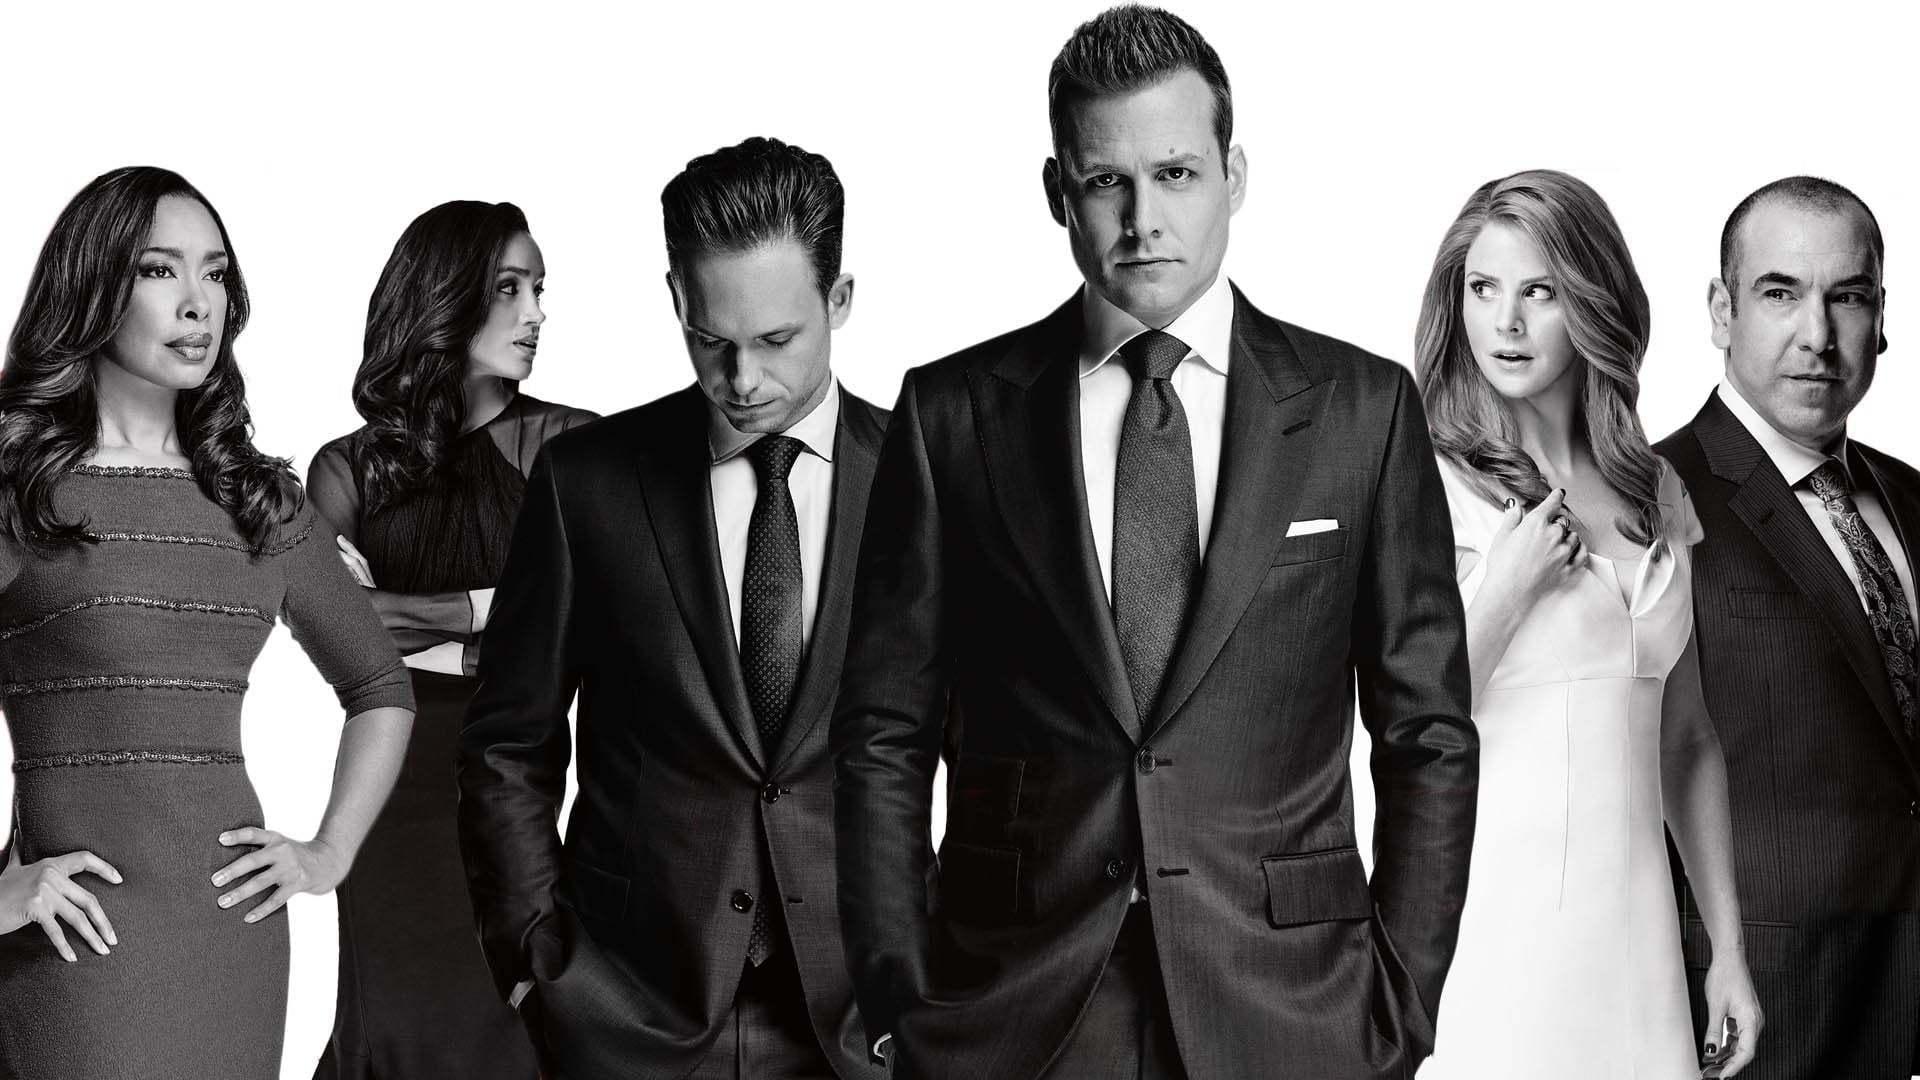 Кадры из фильма Форс-мажоры Suits 2011